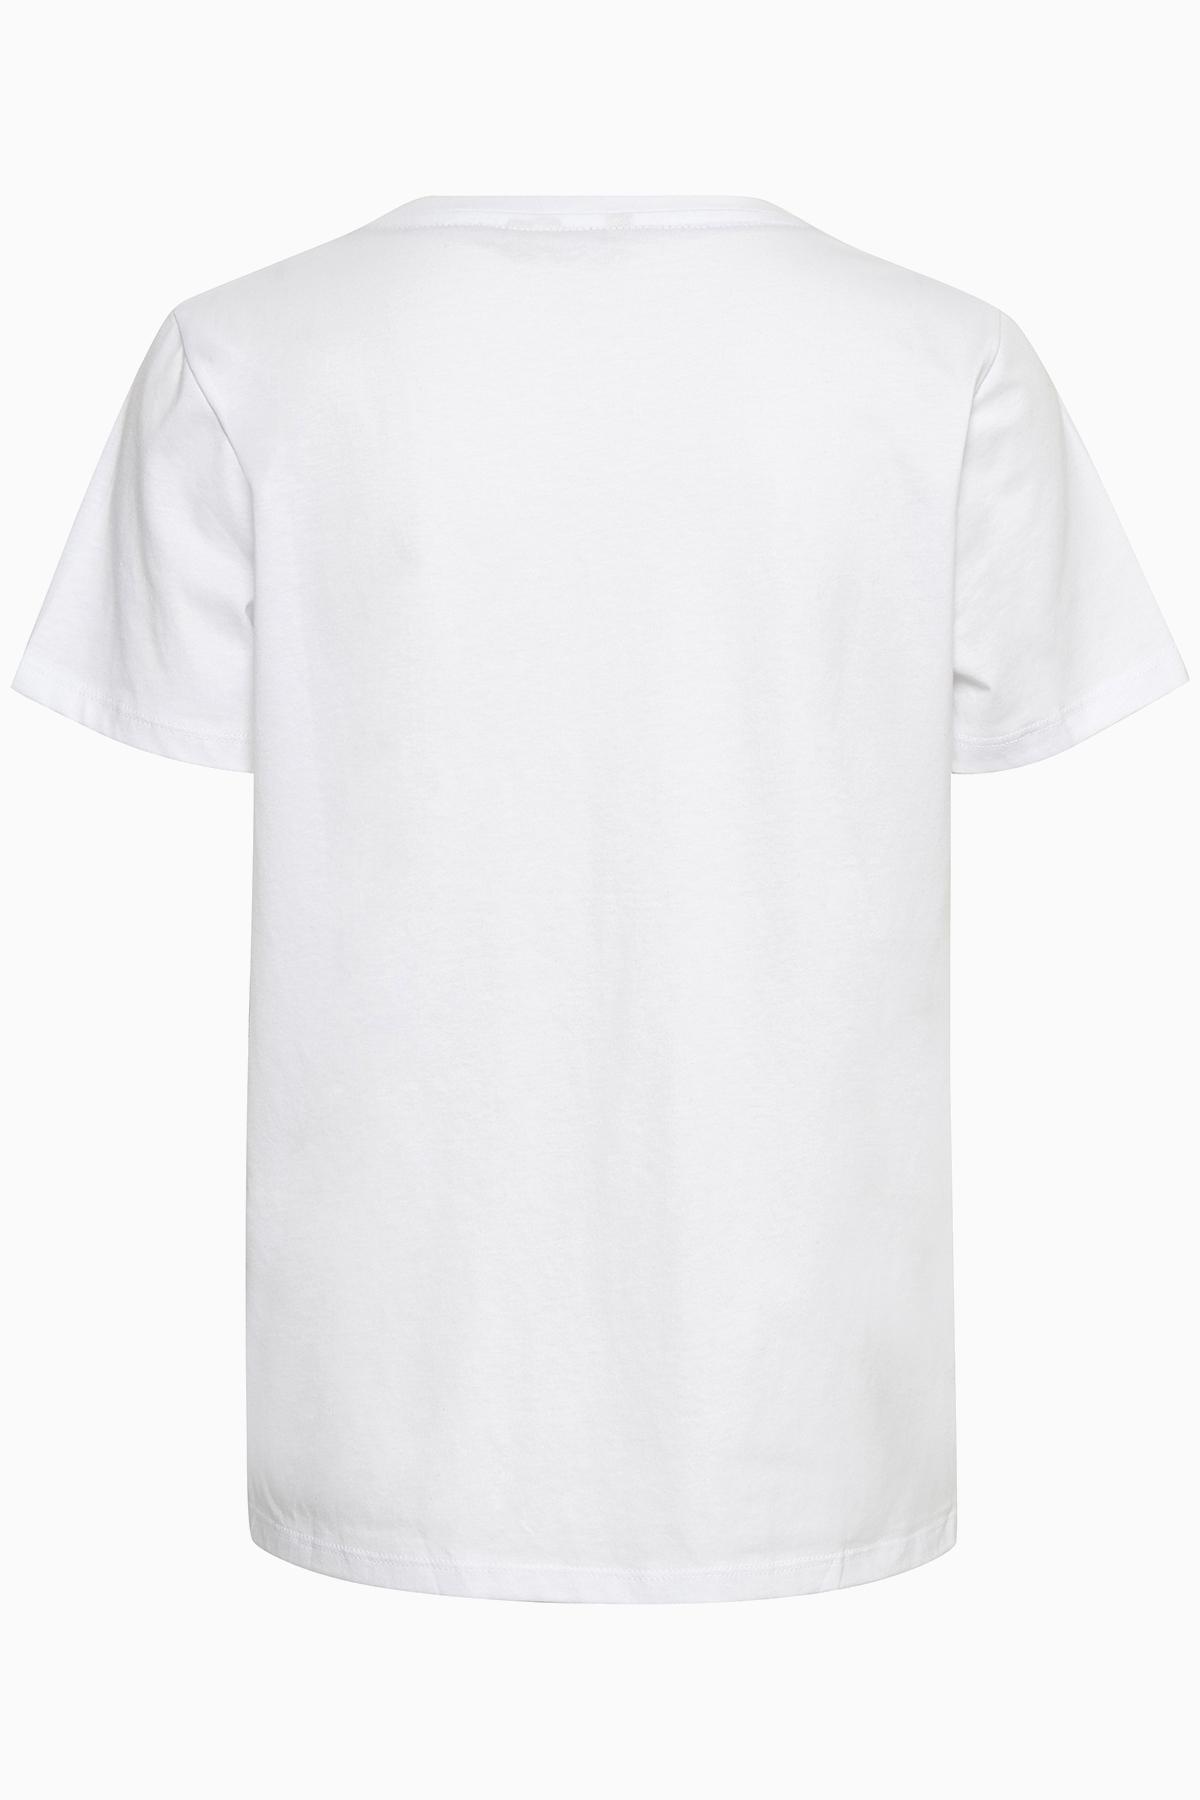 Vit Kortärmad T-shirt från Bon'A Parte – Köp Vit Kortärmad T-shirt från stl. S-2XL här